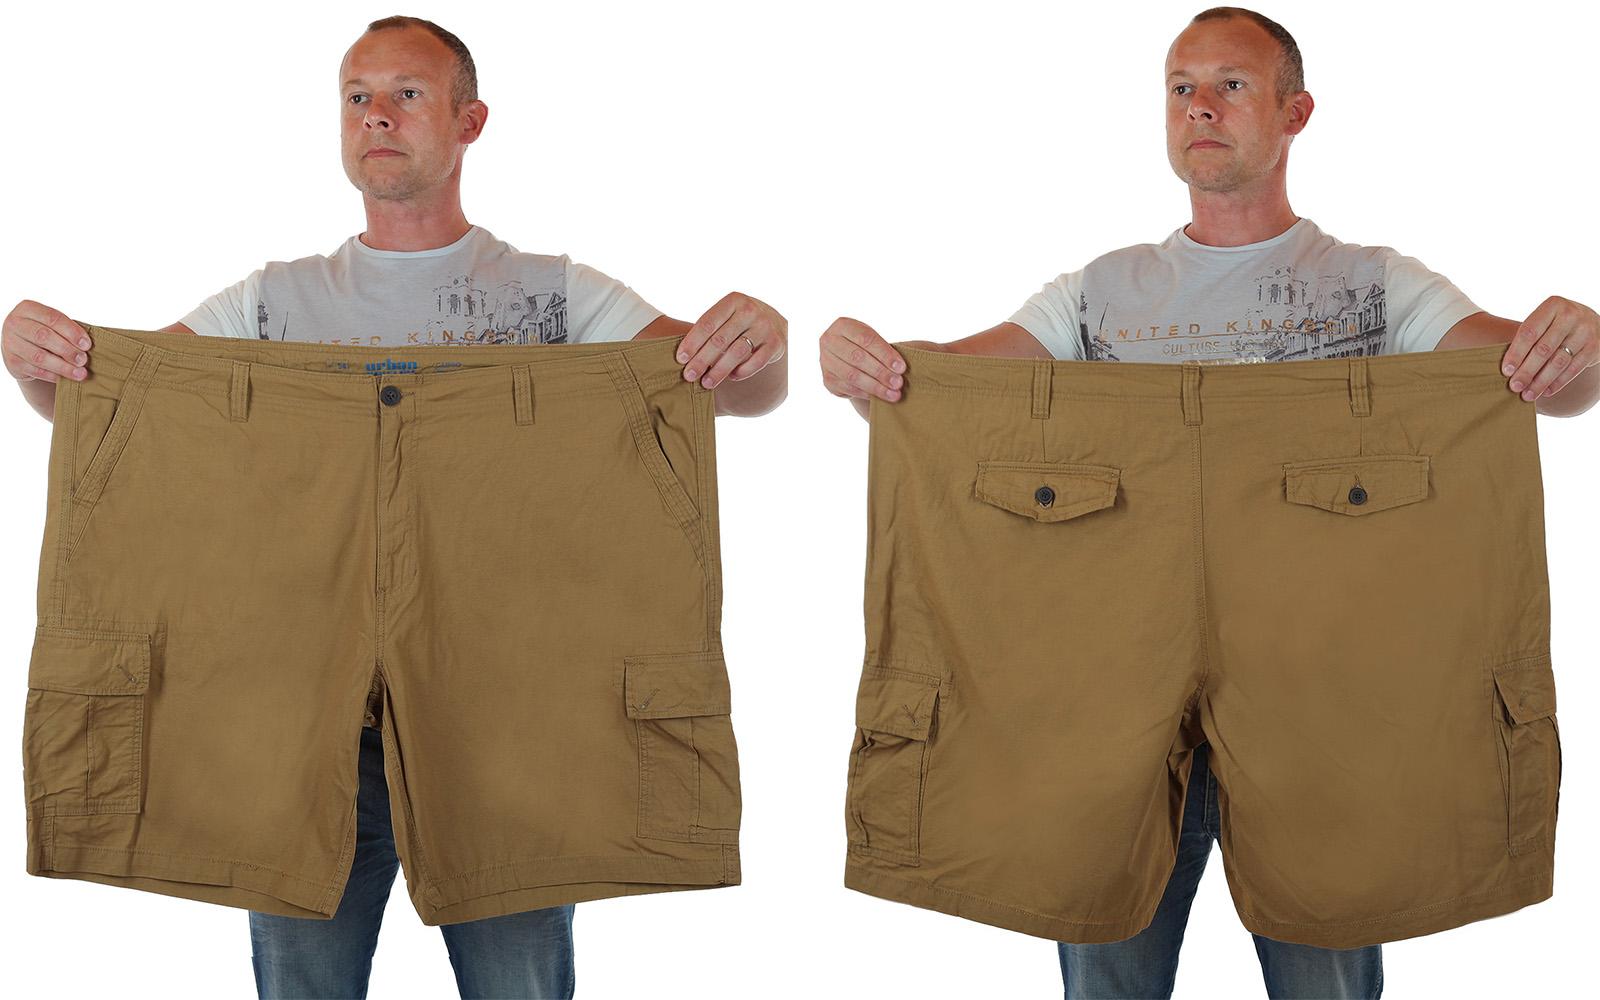 Классические Cargo от Urban шорты для мужчин крупного телосложения по лучшей цене